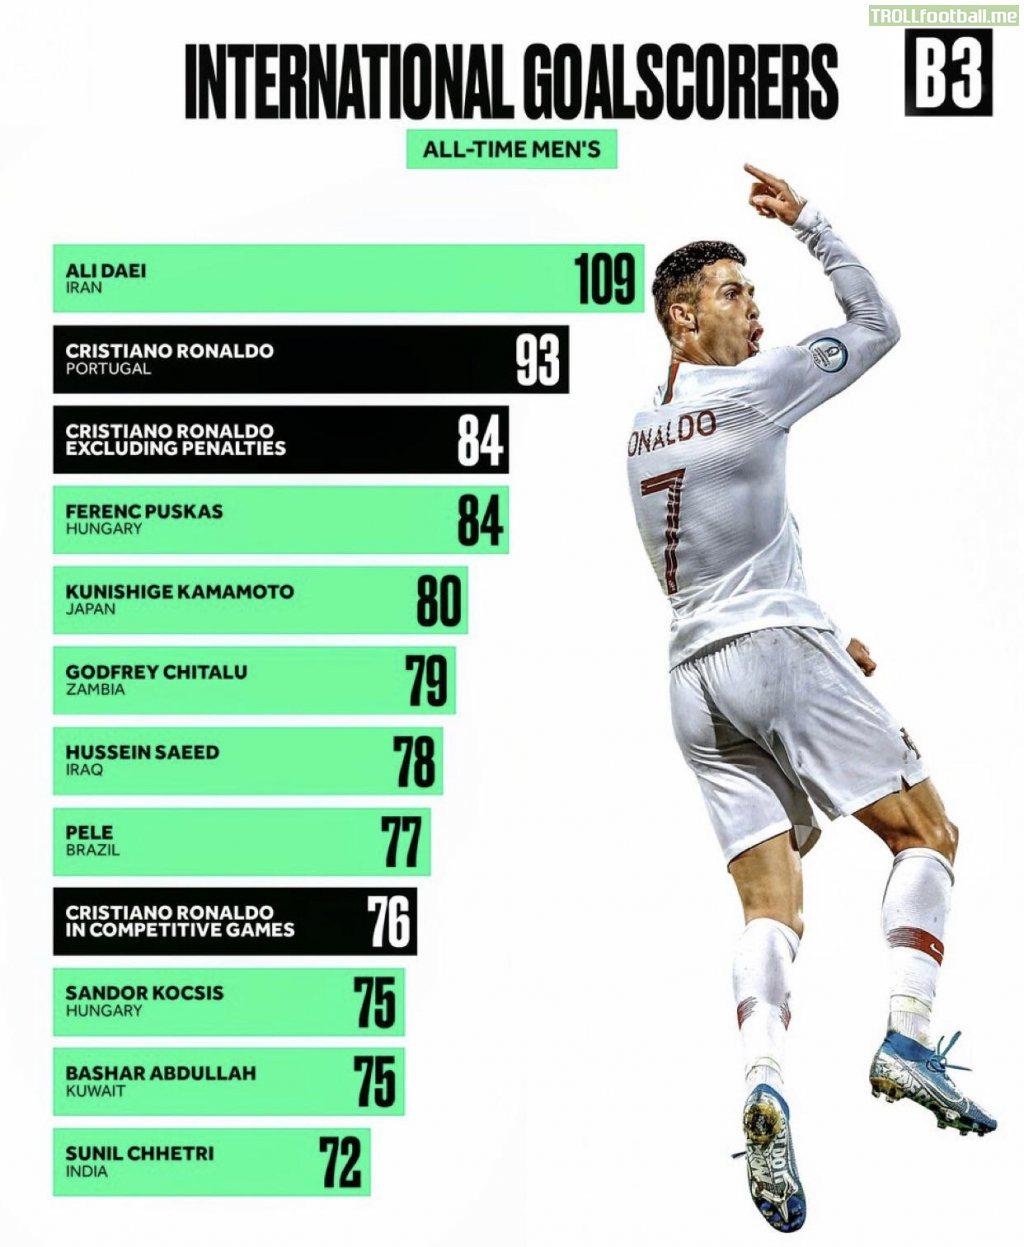 Cristiano Ronaldo's immense International Statistics.